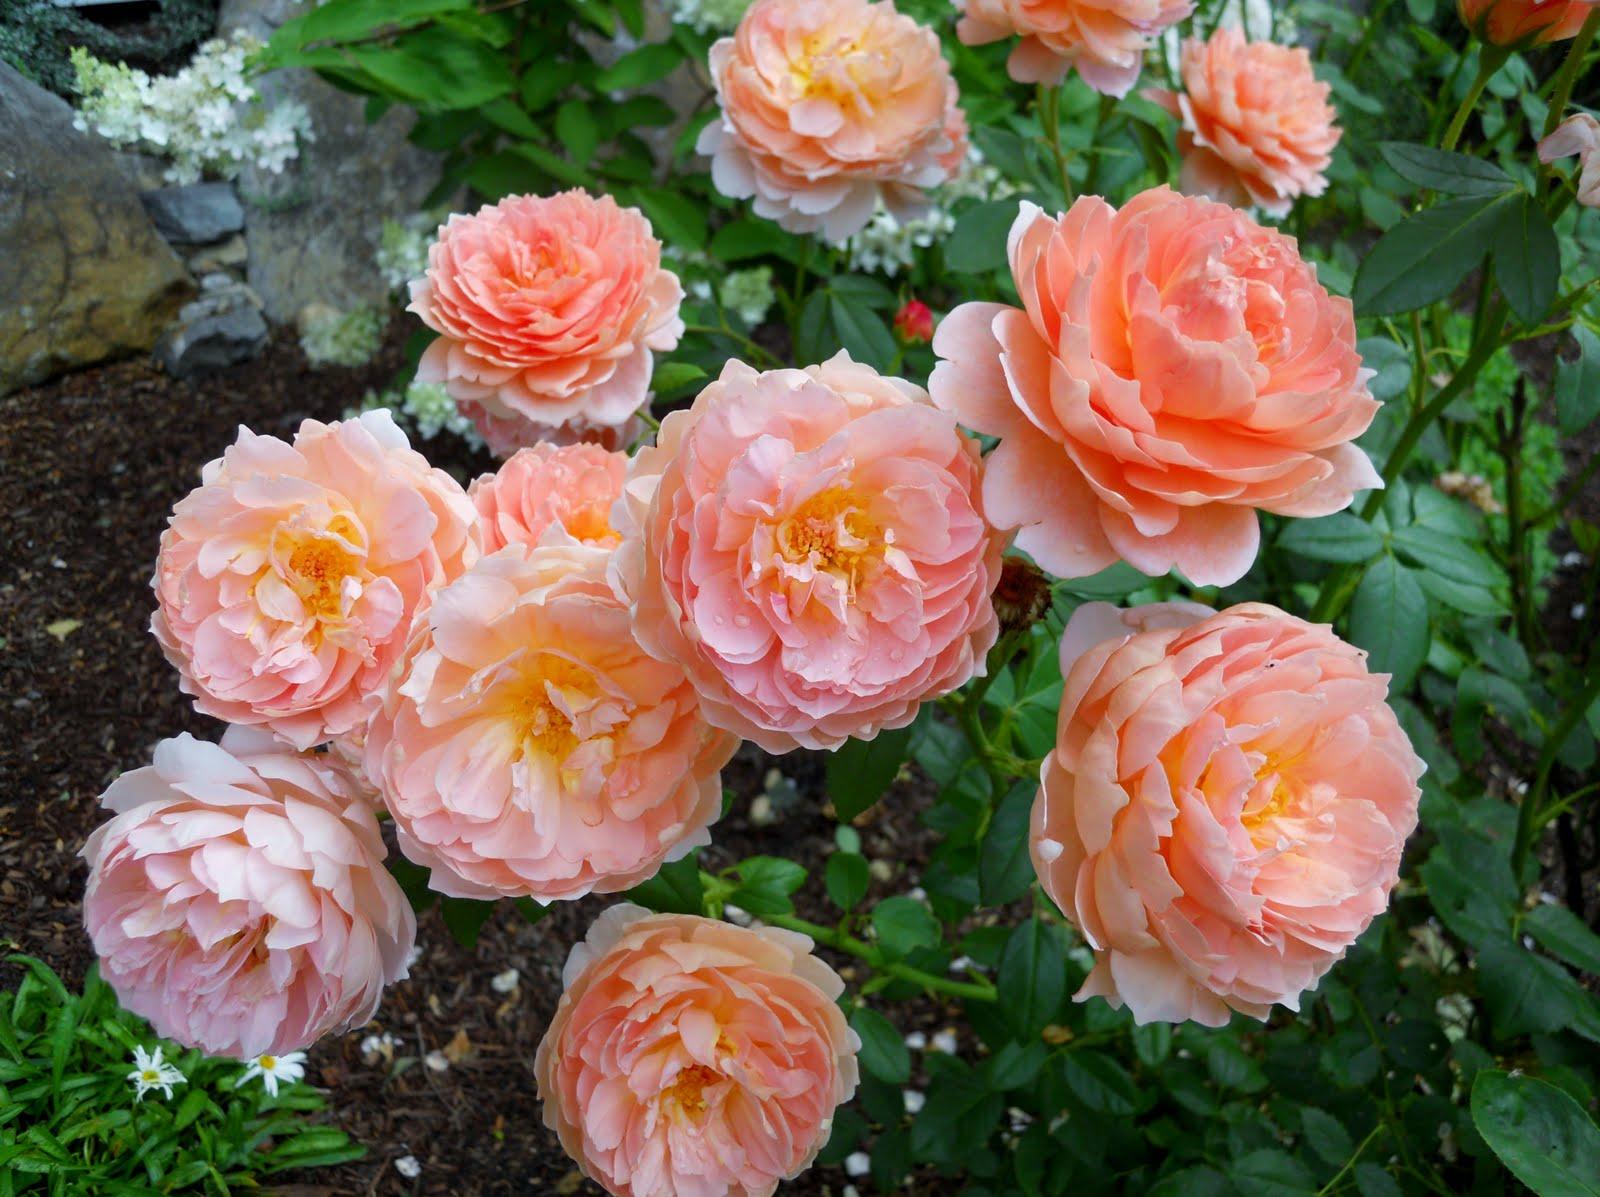 flores jardim de verao:Casa de Retalhos: A beleza das flores de verão